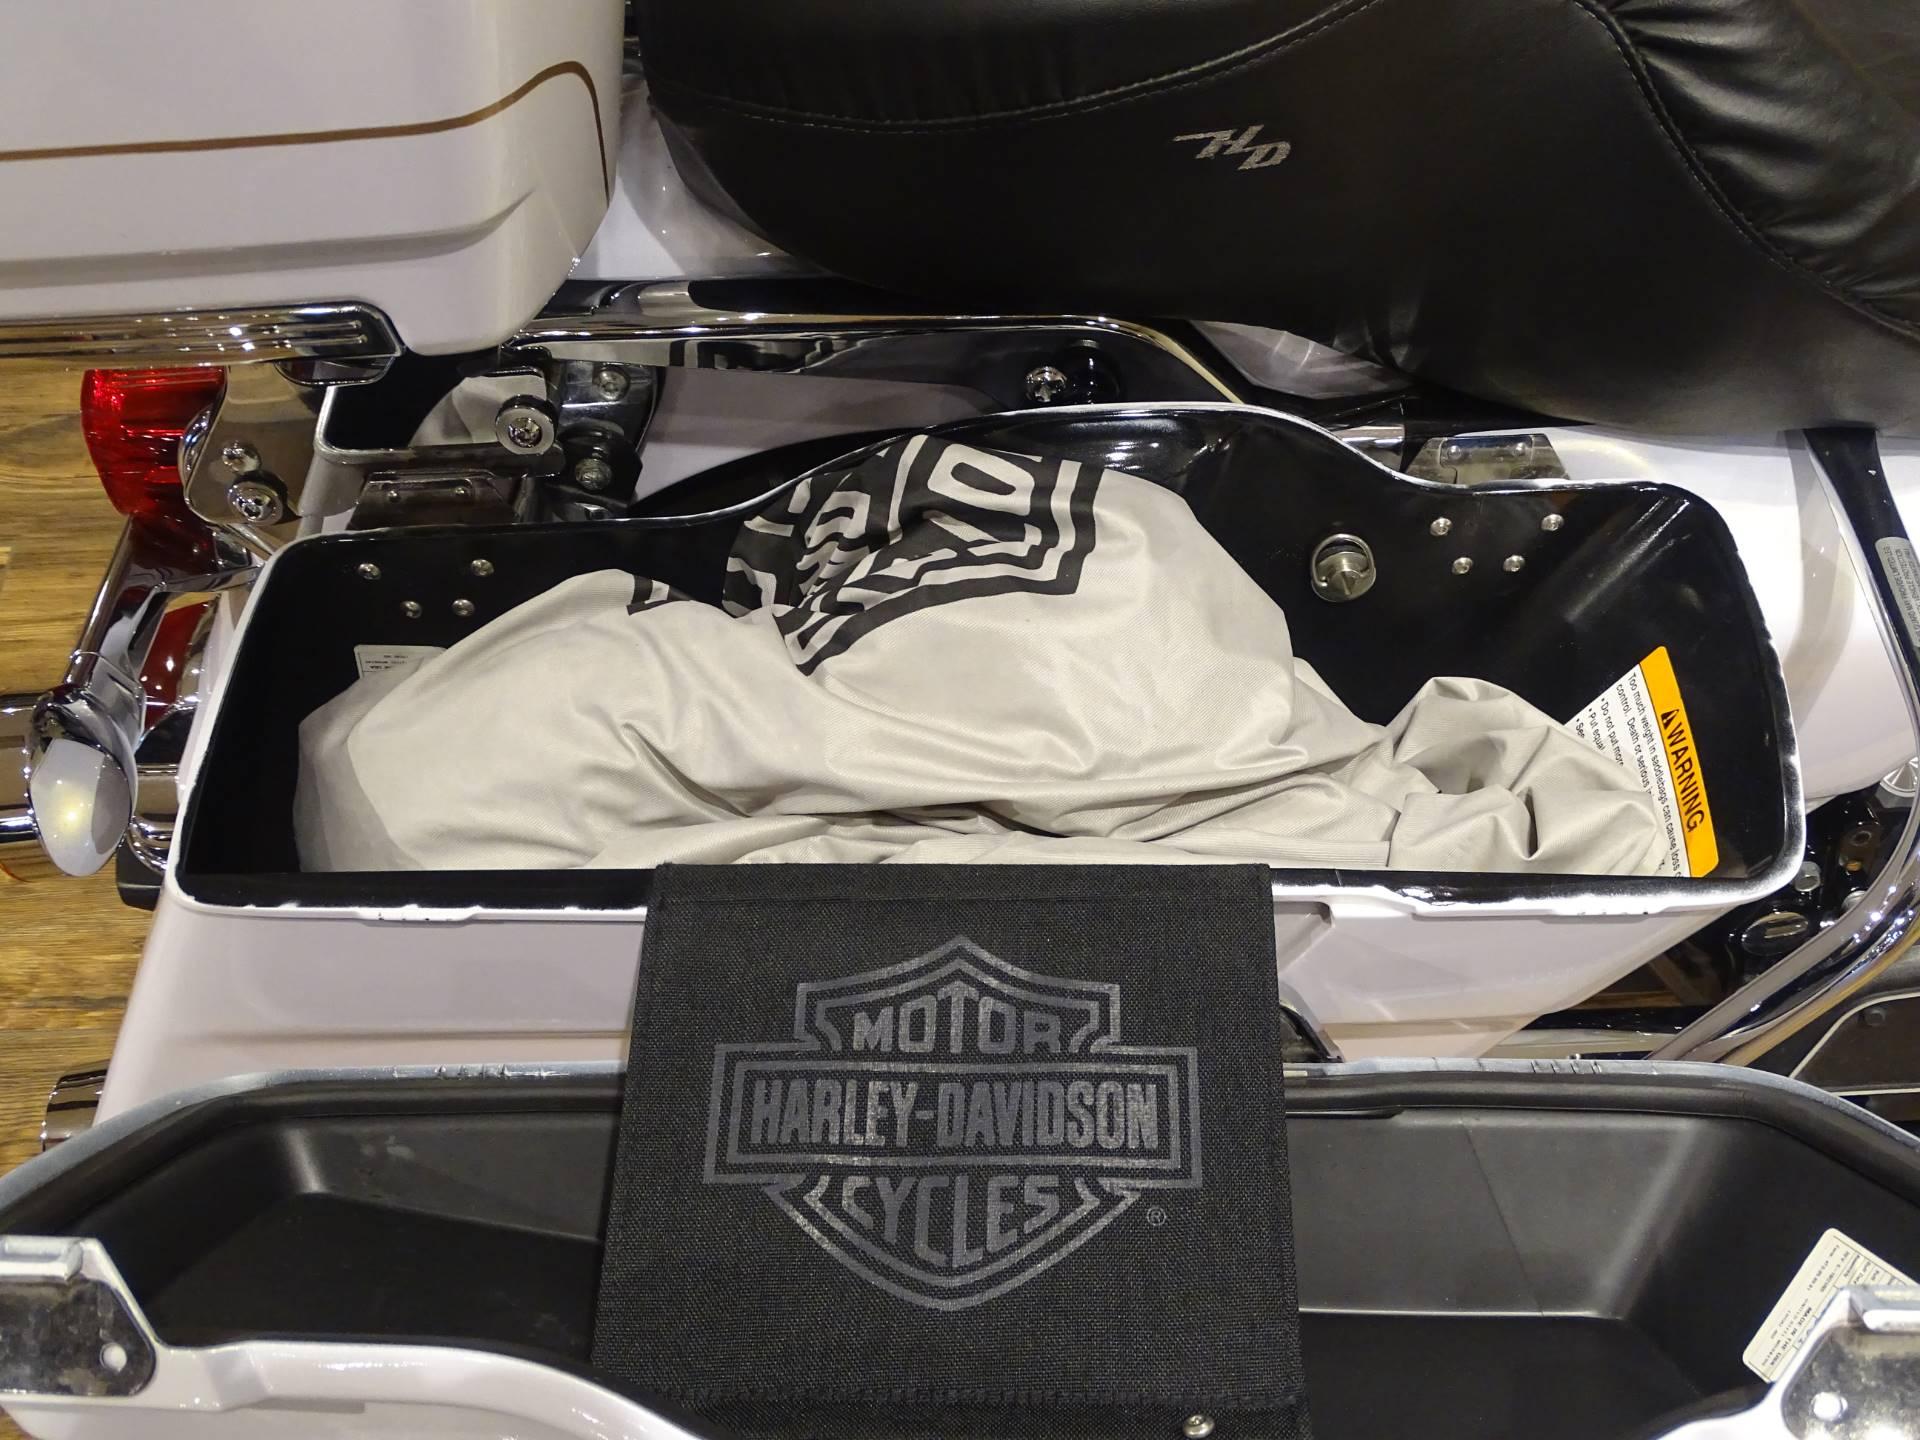 2007 Harley-Davidson FLHR Road King 11